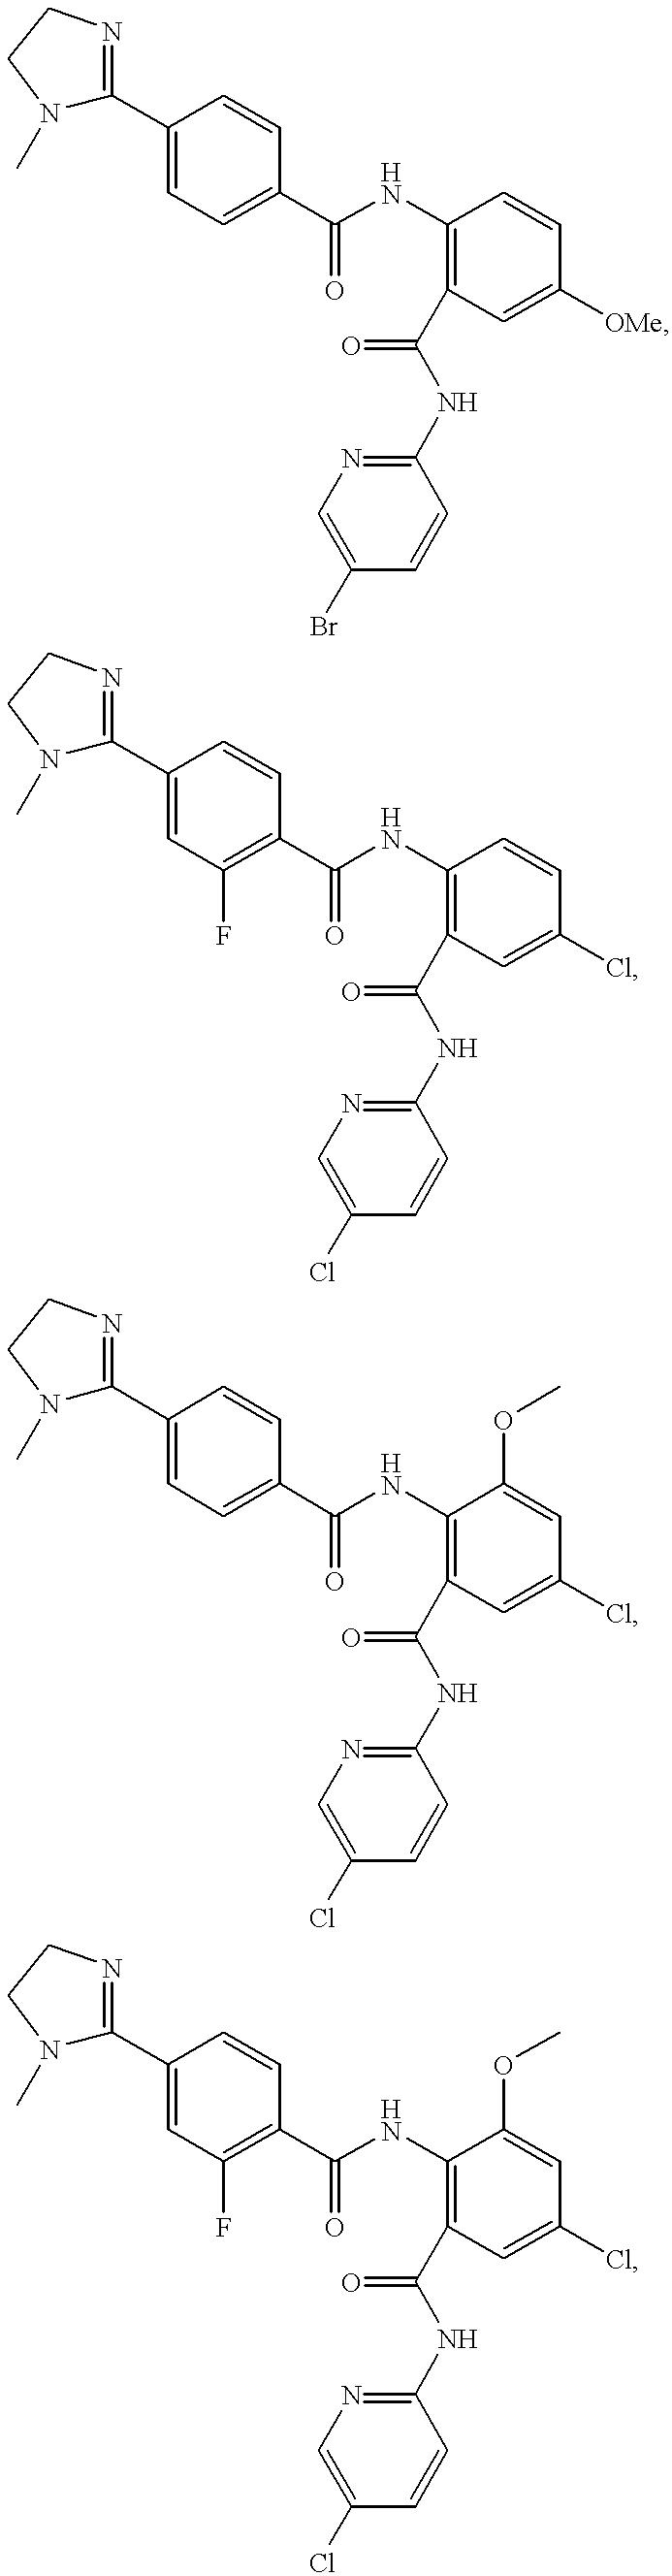 Figure US06376515-20020423-C00055